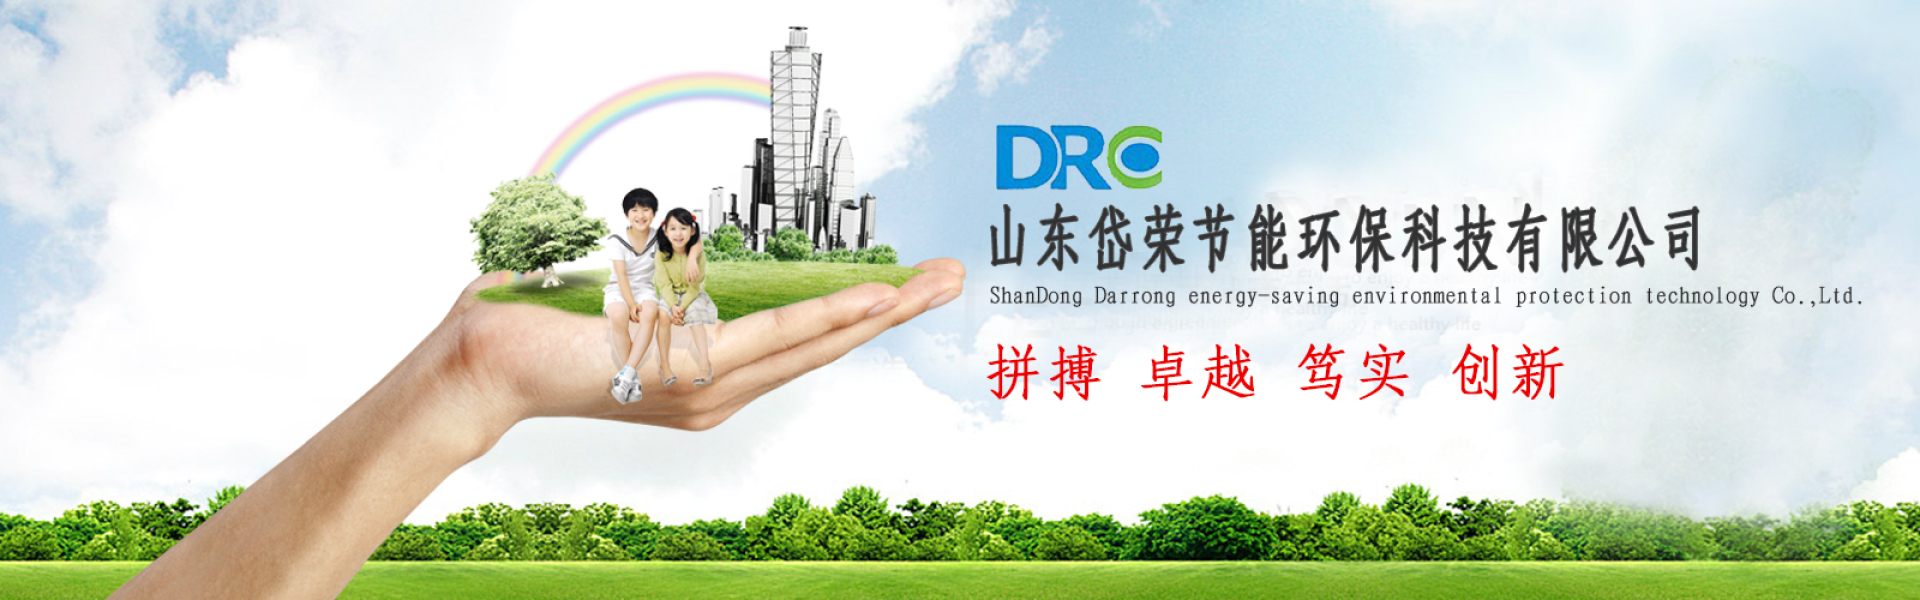 山东岱荣节能环保科技有限公司